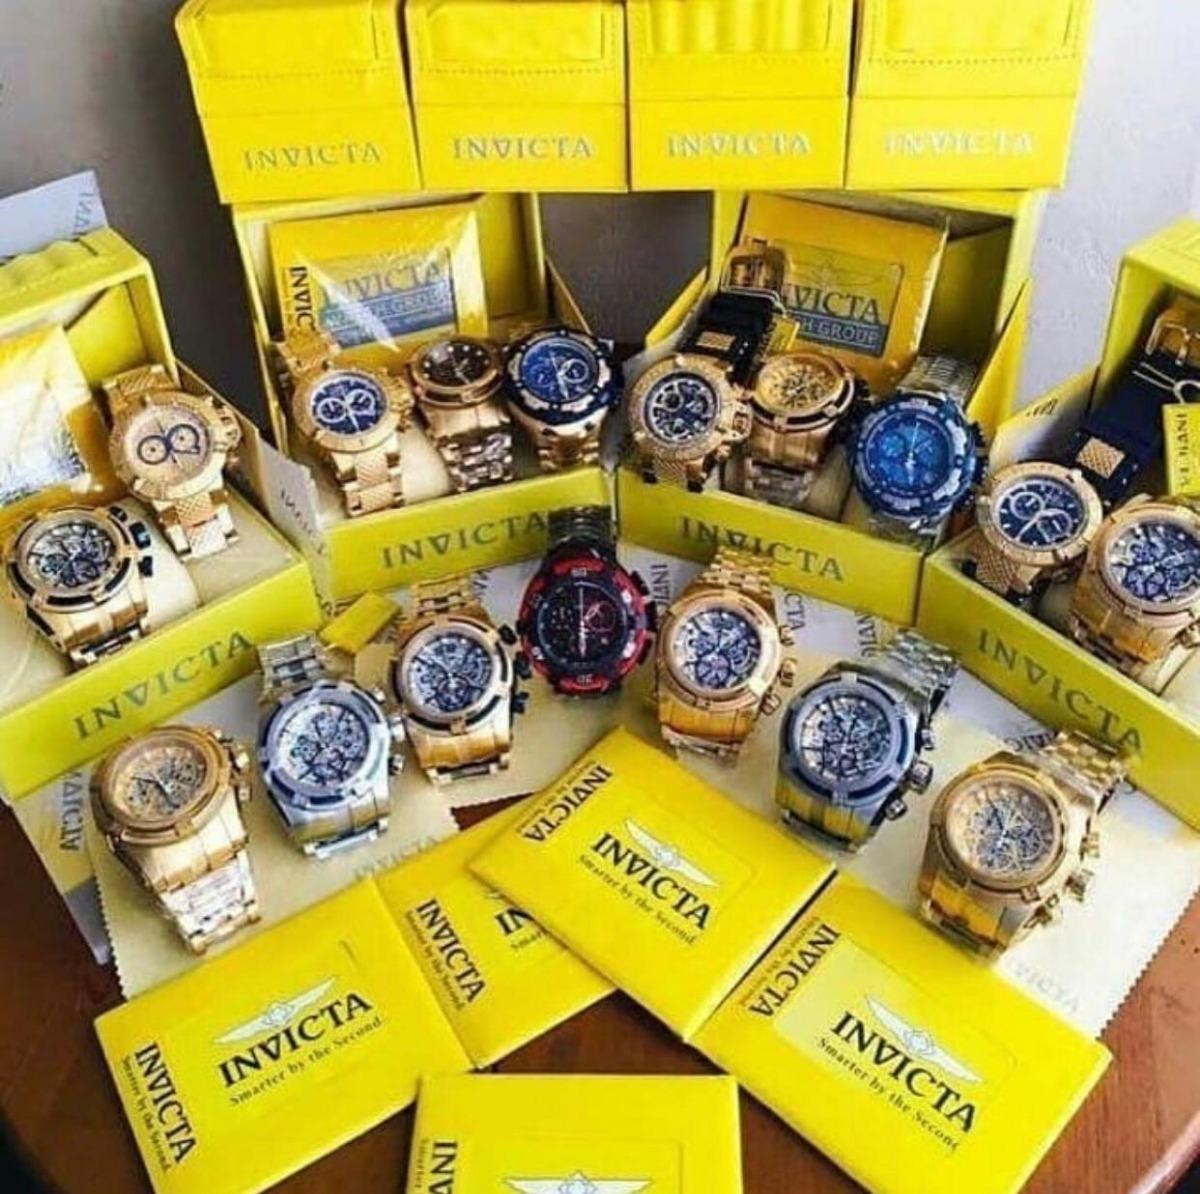 d54324c985cd3 contato fornecedor de relógios importados e outros (melhor). Carregando zoom .